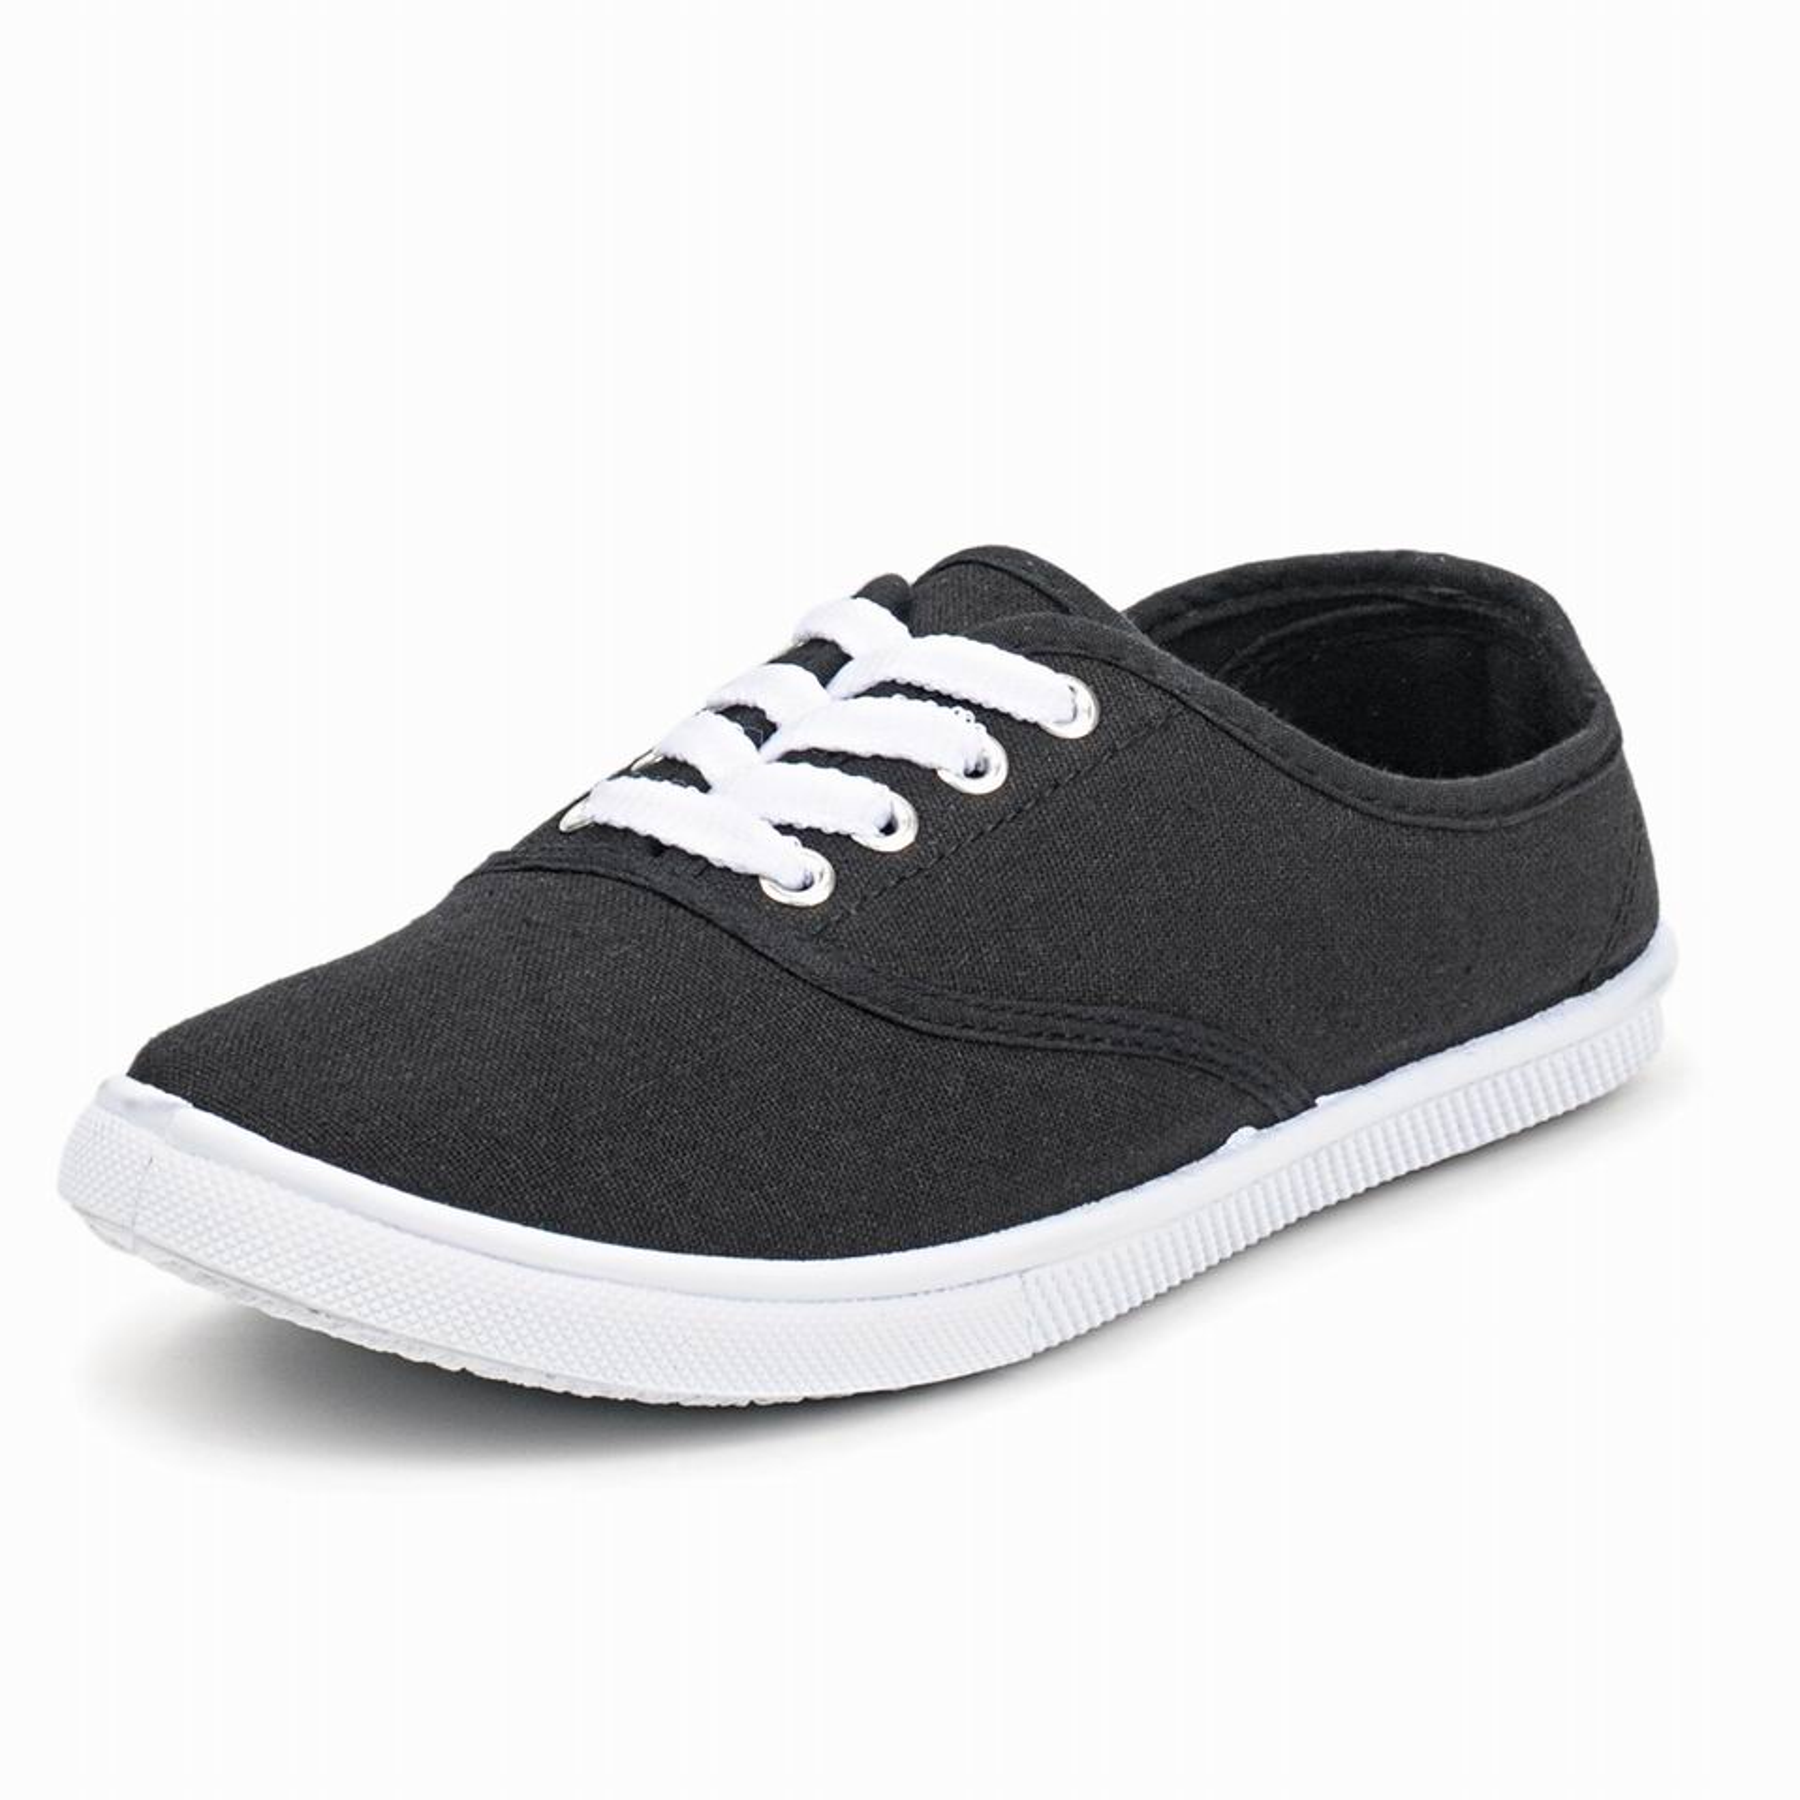 Обувь женская Trien  LGC 9102 черная текстиль р. 38